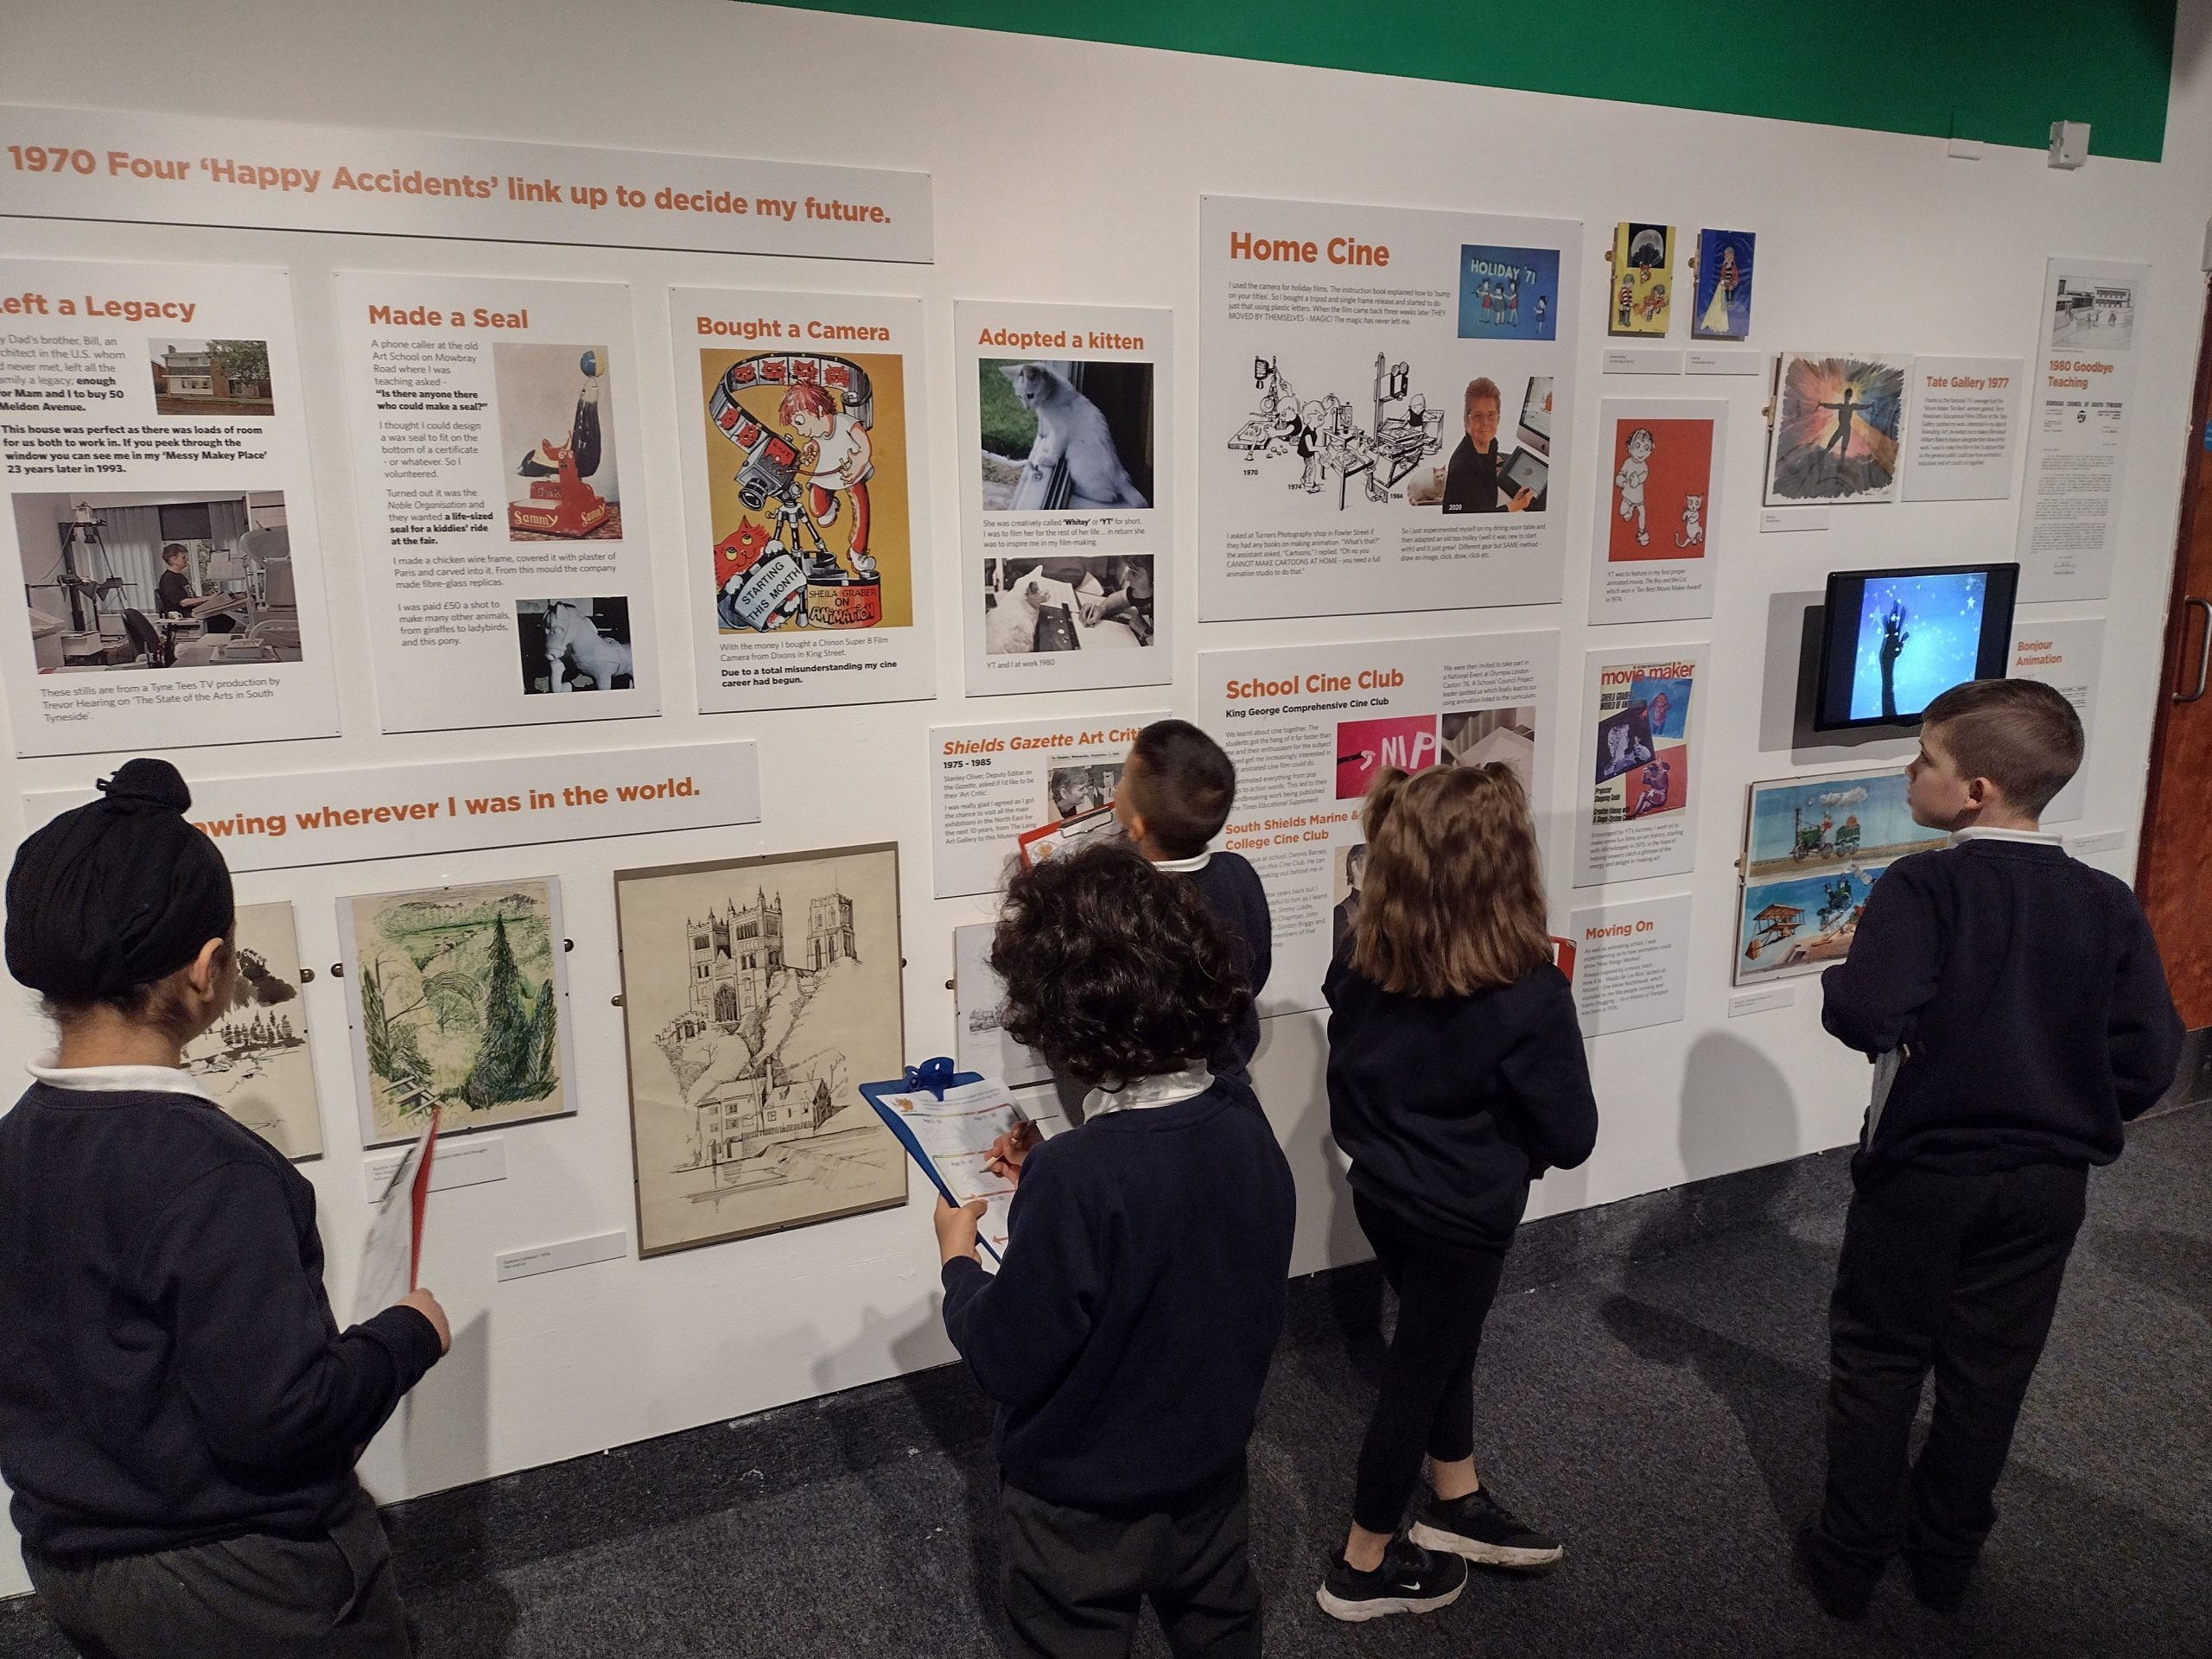 Children in the Sheila Graber exhibition